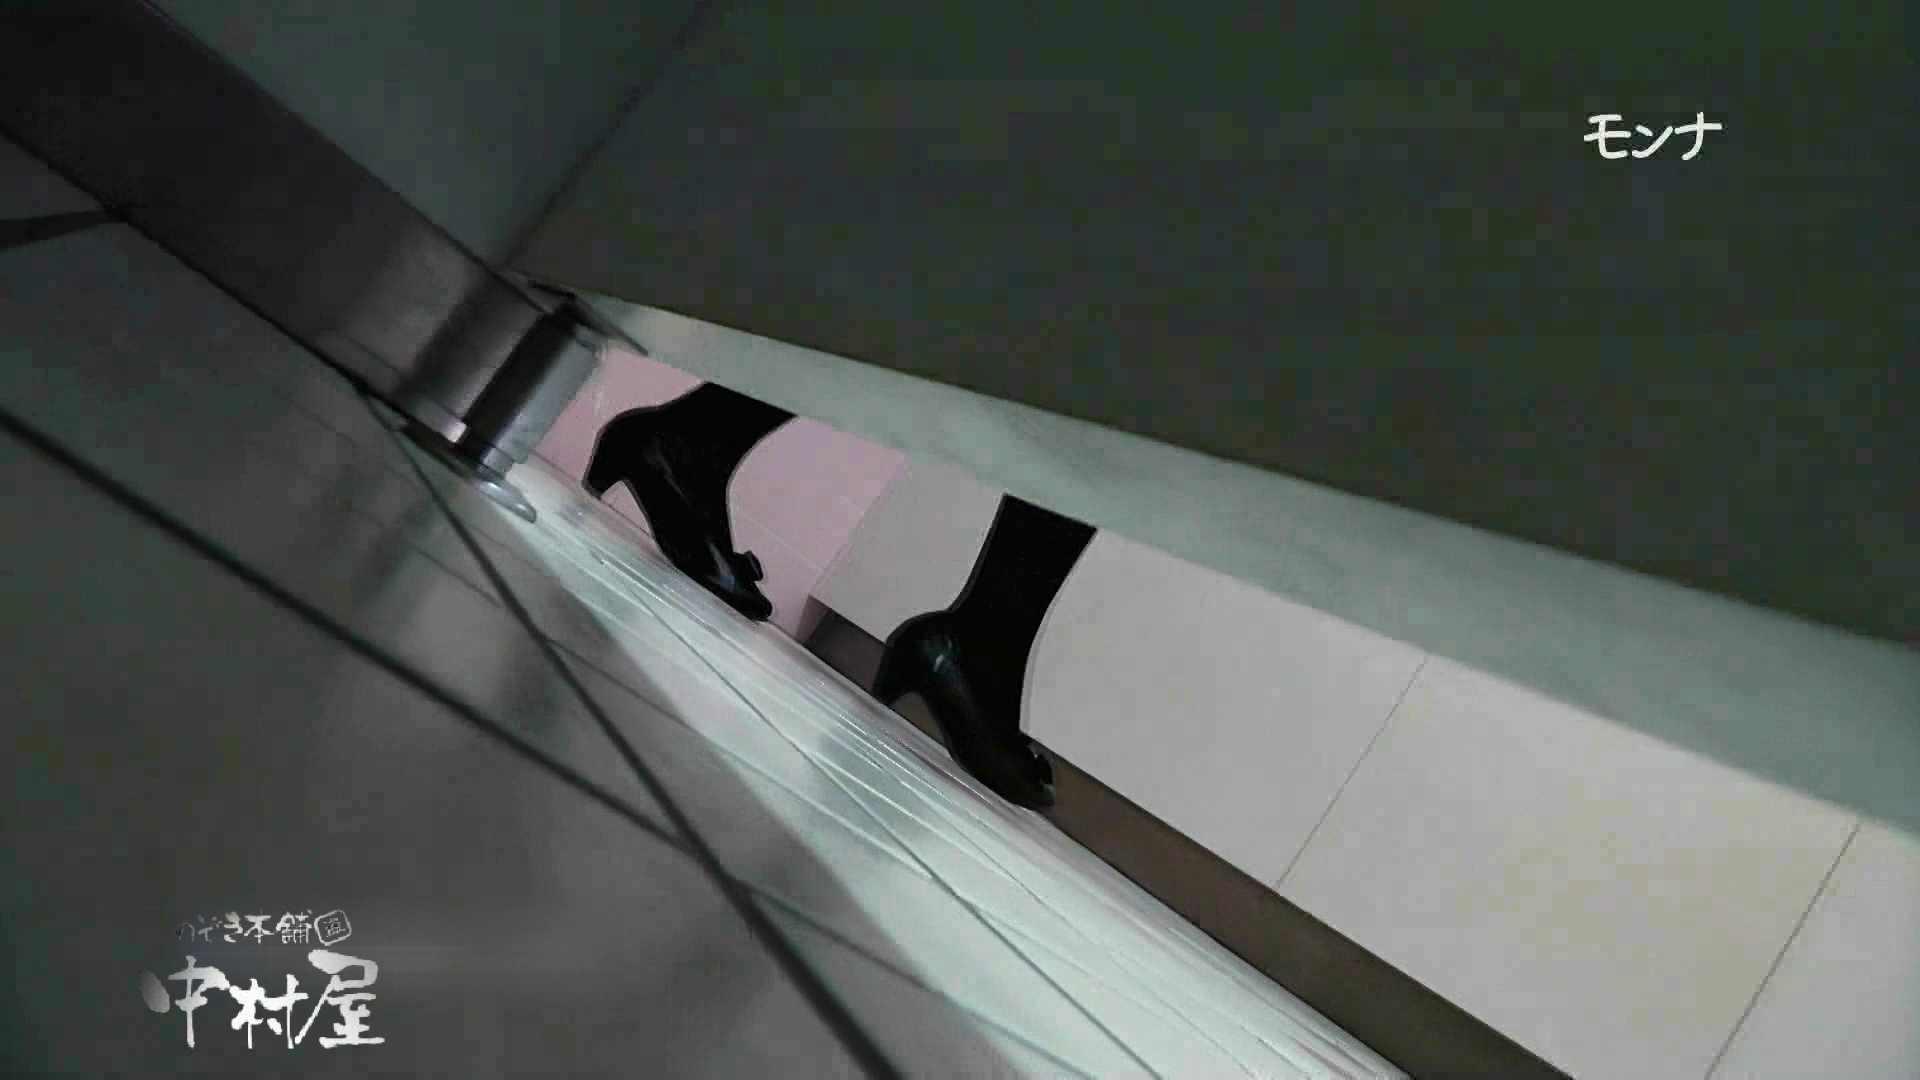 【美しい日本の未来】遂に!!戸田恵梨香似の予告モデル登場ダッシュで「大」後編 おまんこ見放題  101PIX 72